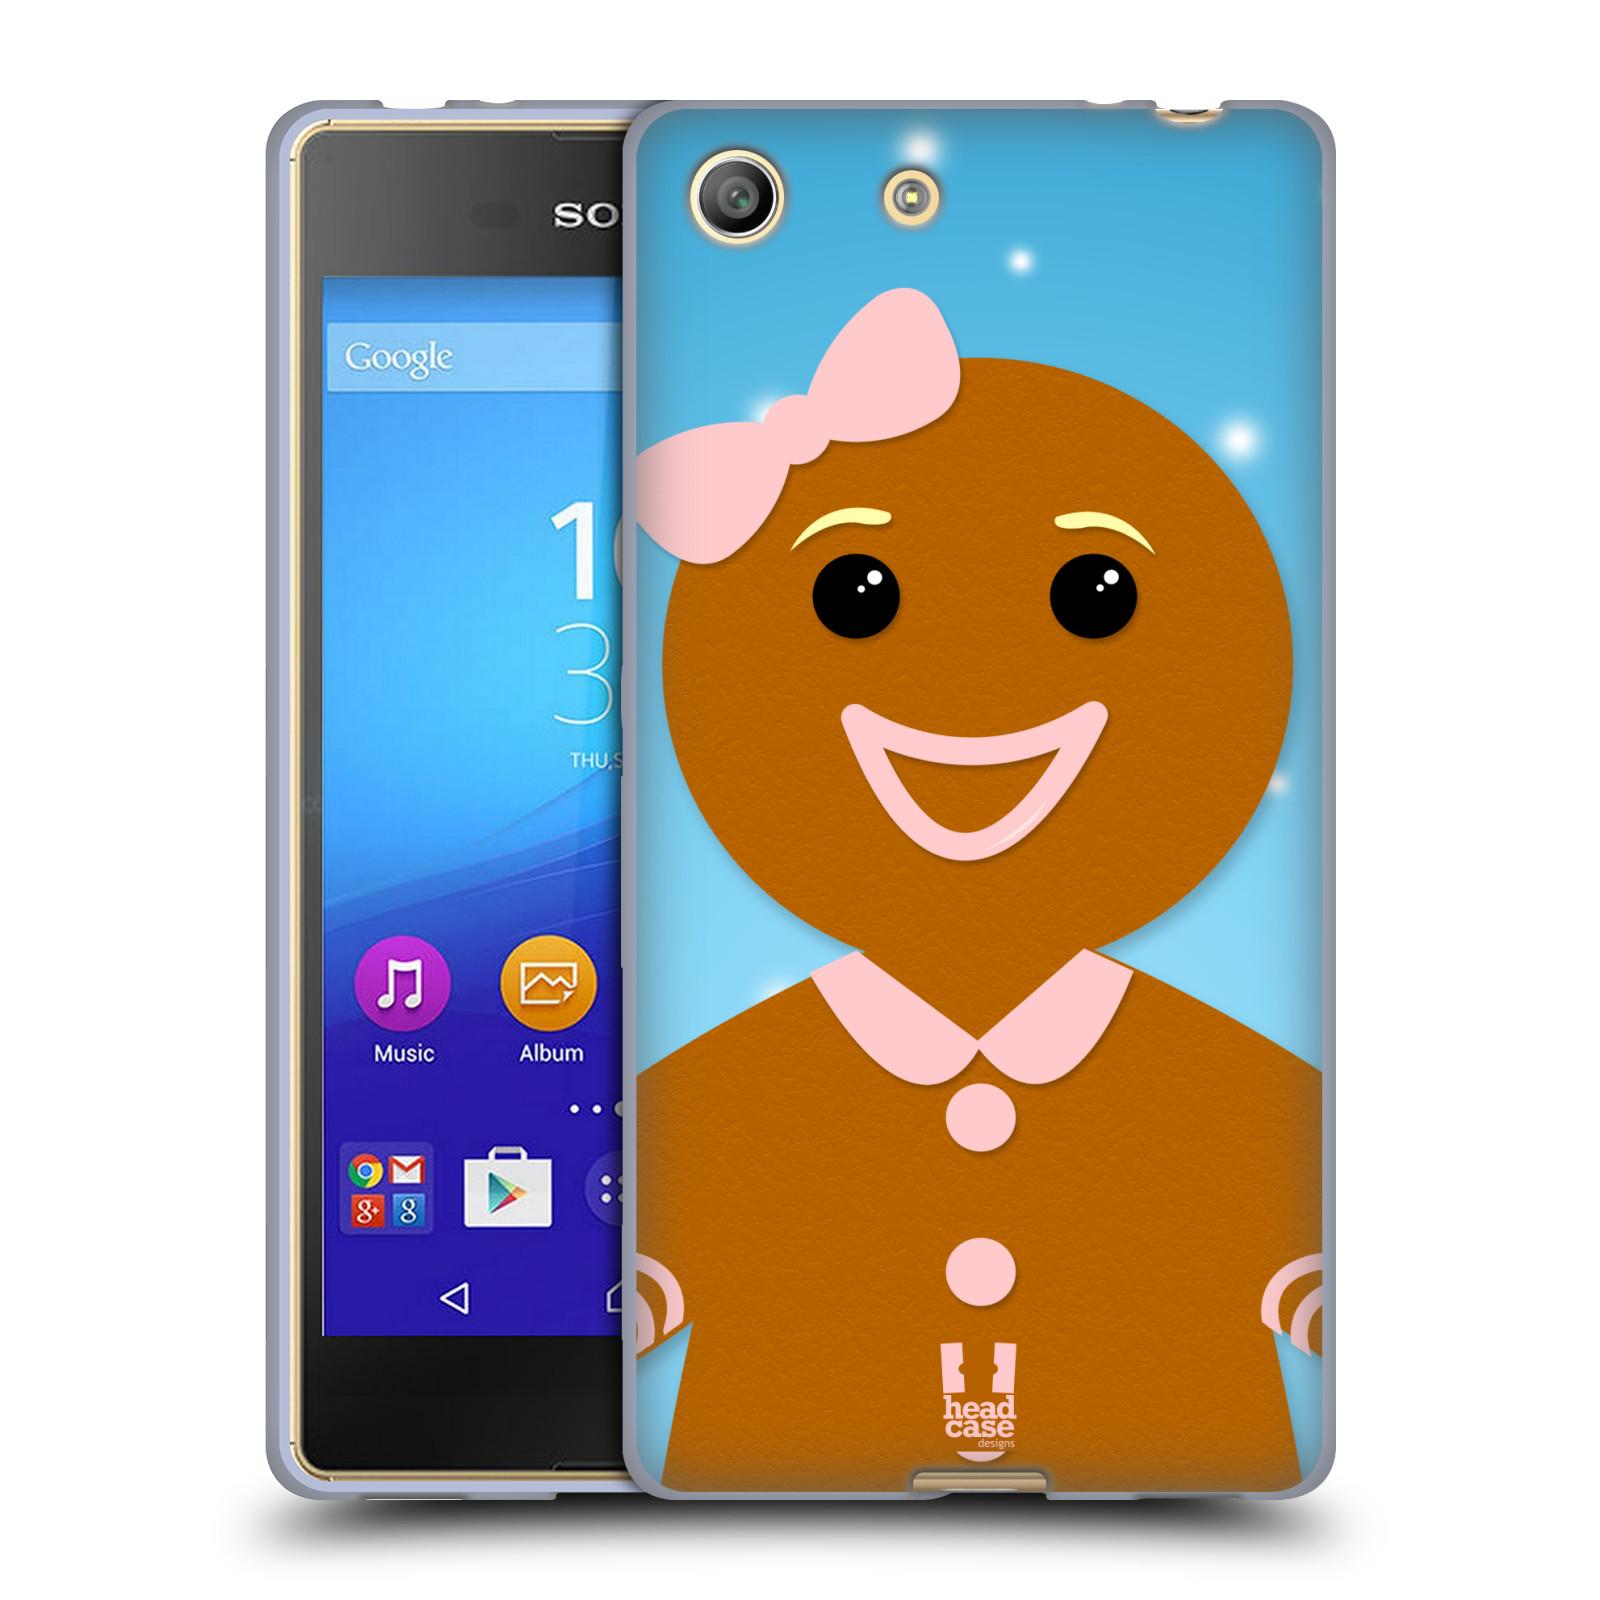 Silikonové pouzdro na mobil Sony Xperia M5 HEAD CASE VÁNOCE PERNÍČEK (Silikonový kryt či obal na mobilní telefon Sony Xperia M5 Dual SIM / Aqua)